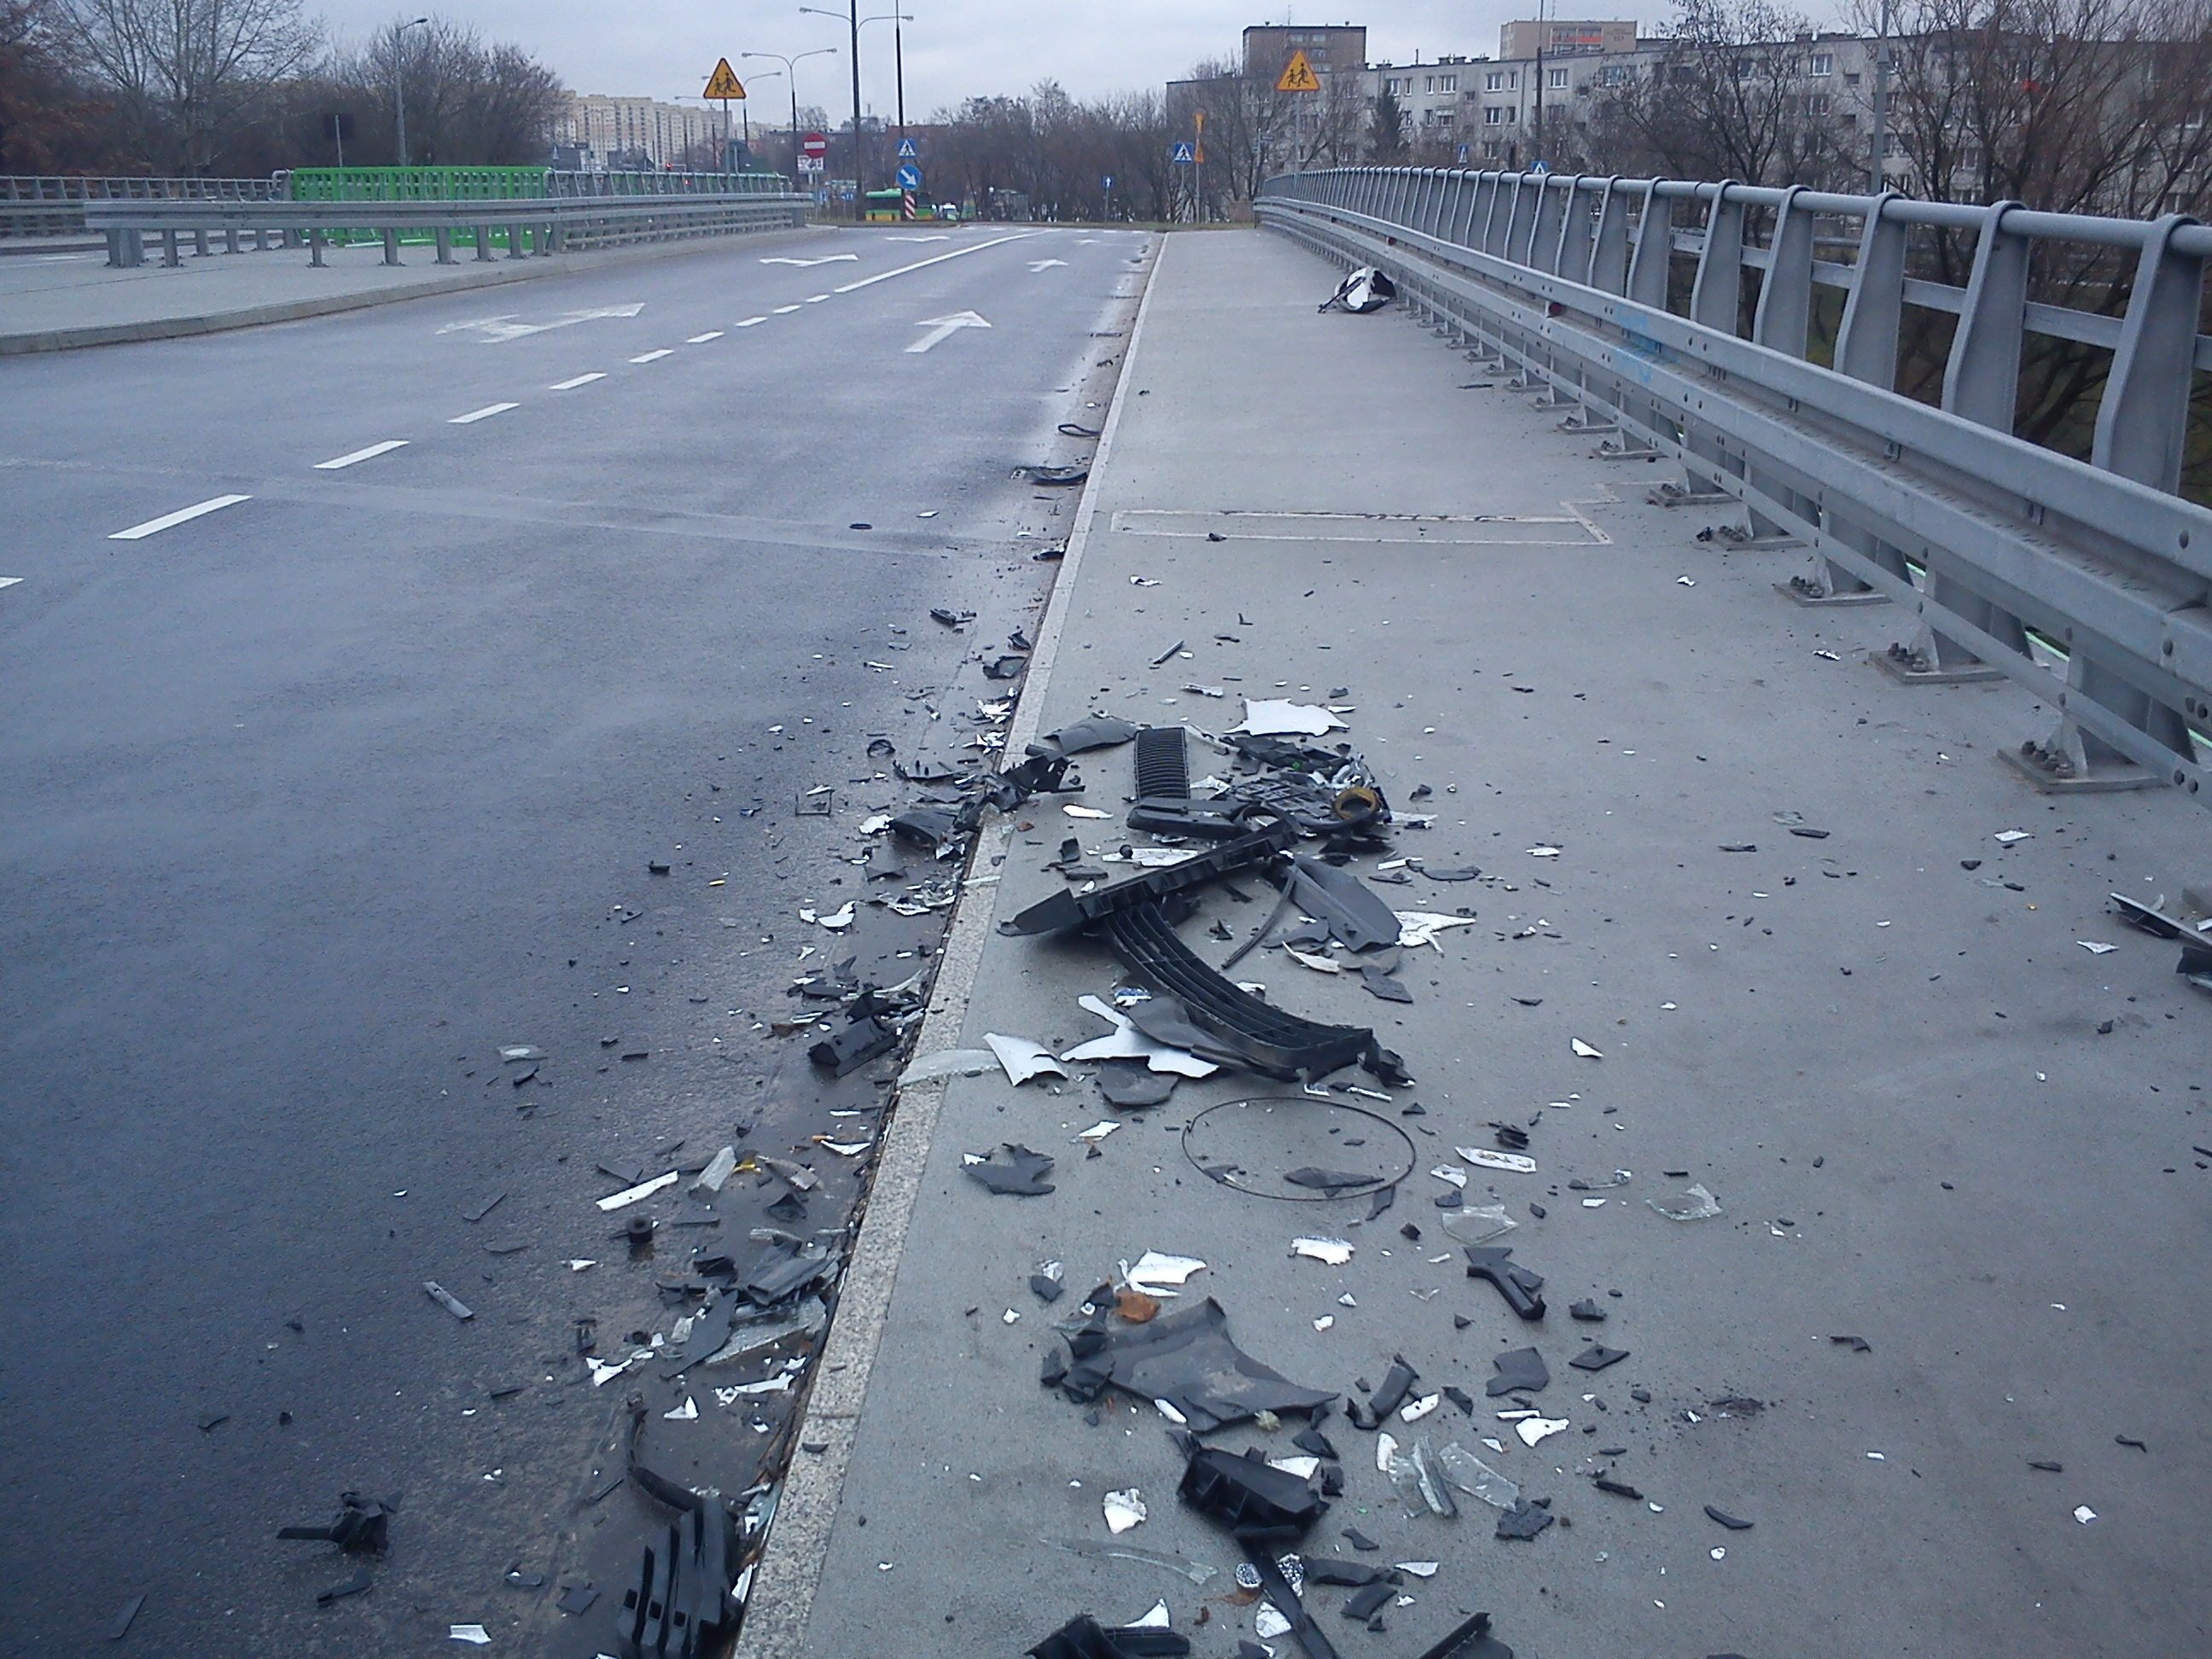 un reste de voiture après accident